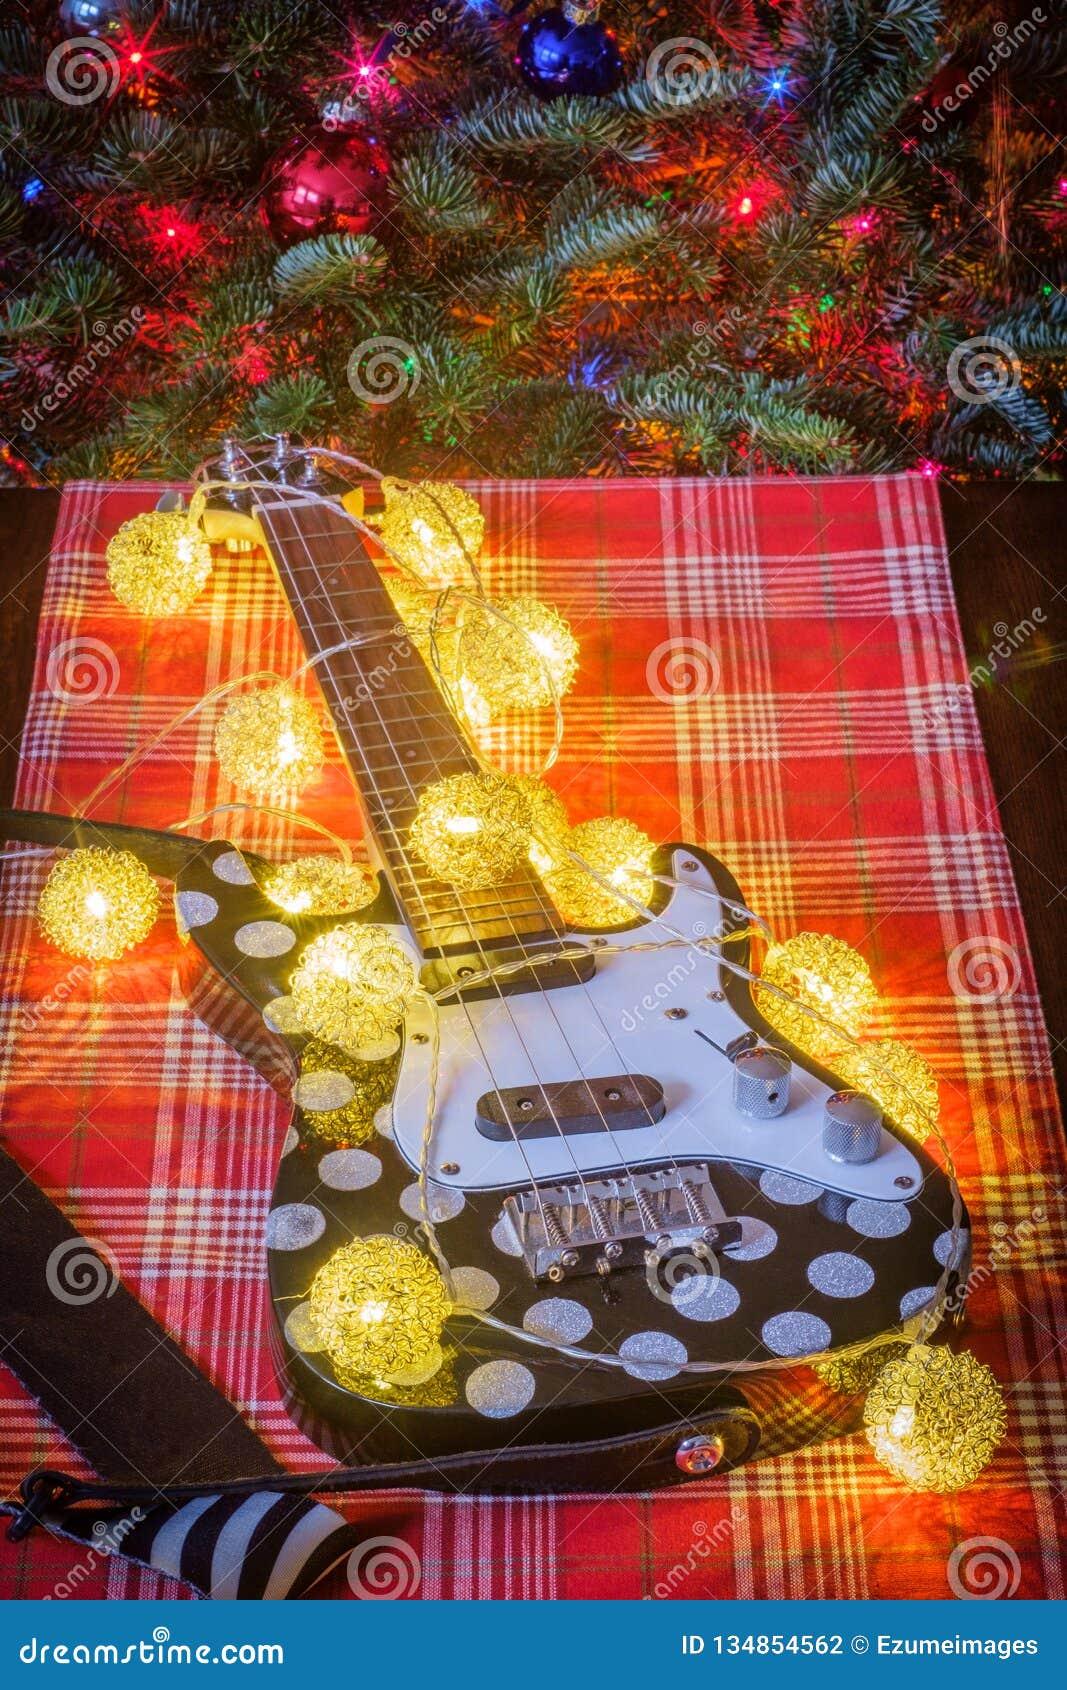 Christmas Music Ukulele Tree Stock Photo Image Of Musical